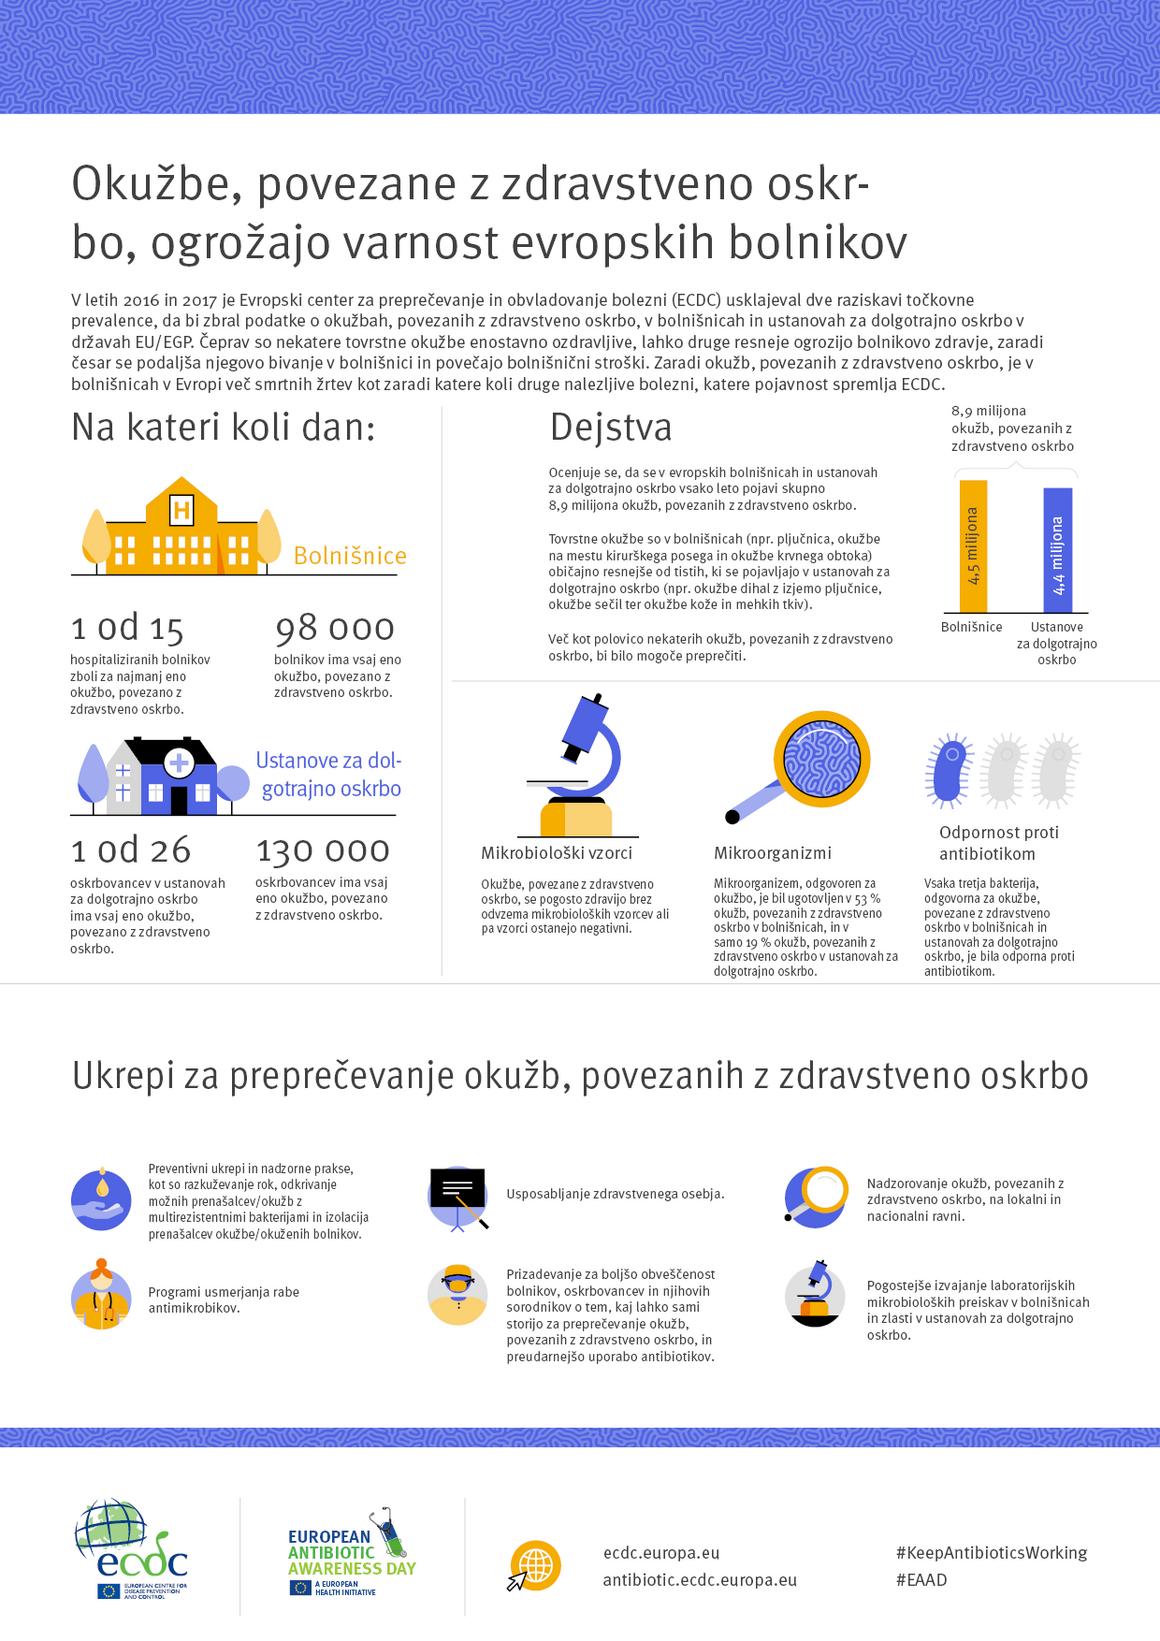 Okužbe, povezane z zdravstveno oskrbo, ogrožajo varnost evropskih bolnikov